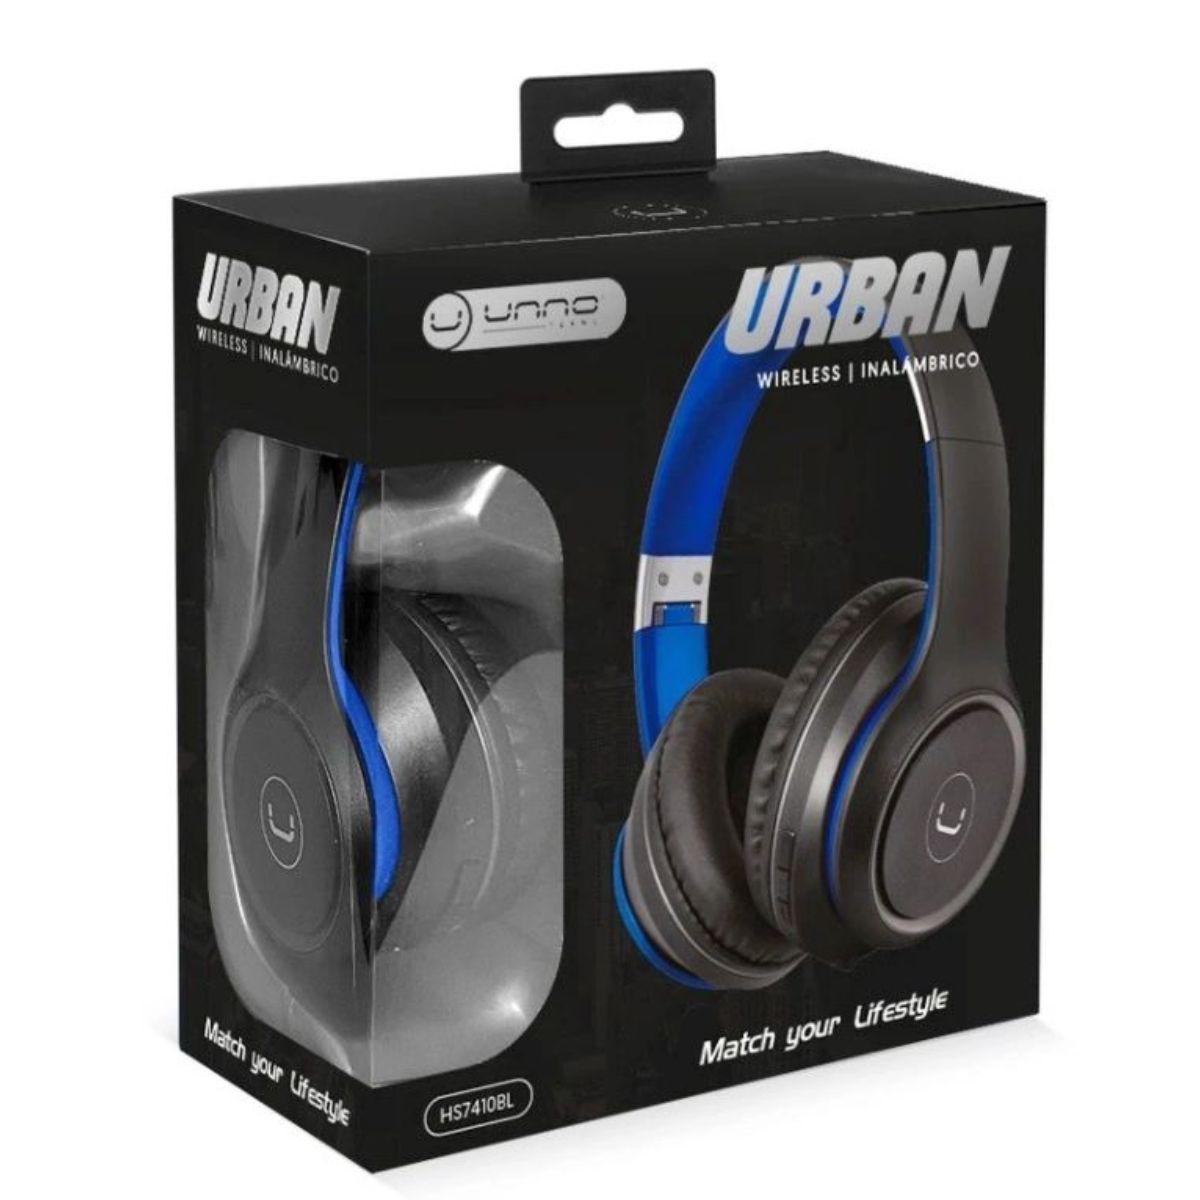 auriculares inalambricos urban 50 3 1 1